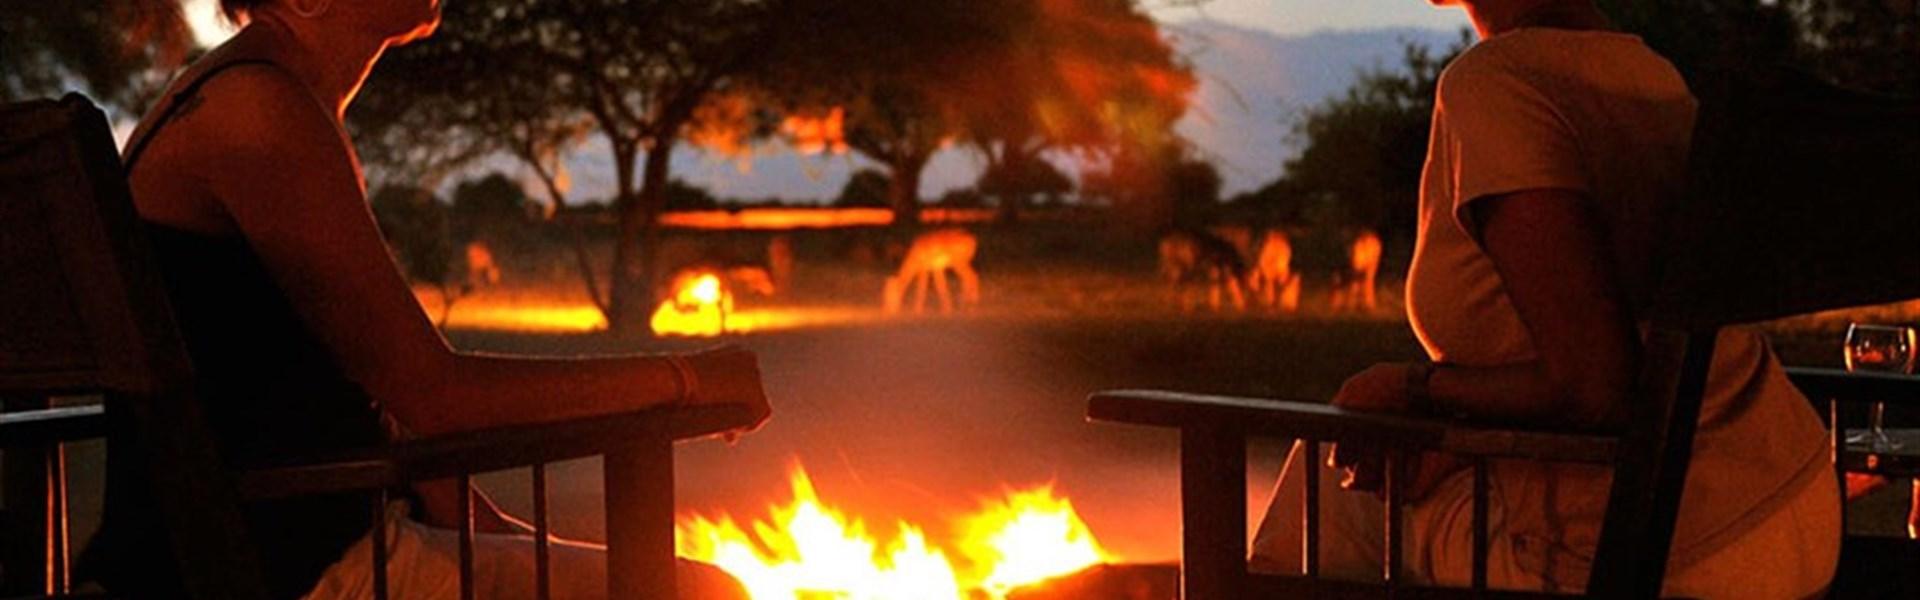 Dva dny luxusního safari v Keni -